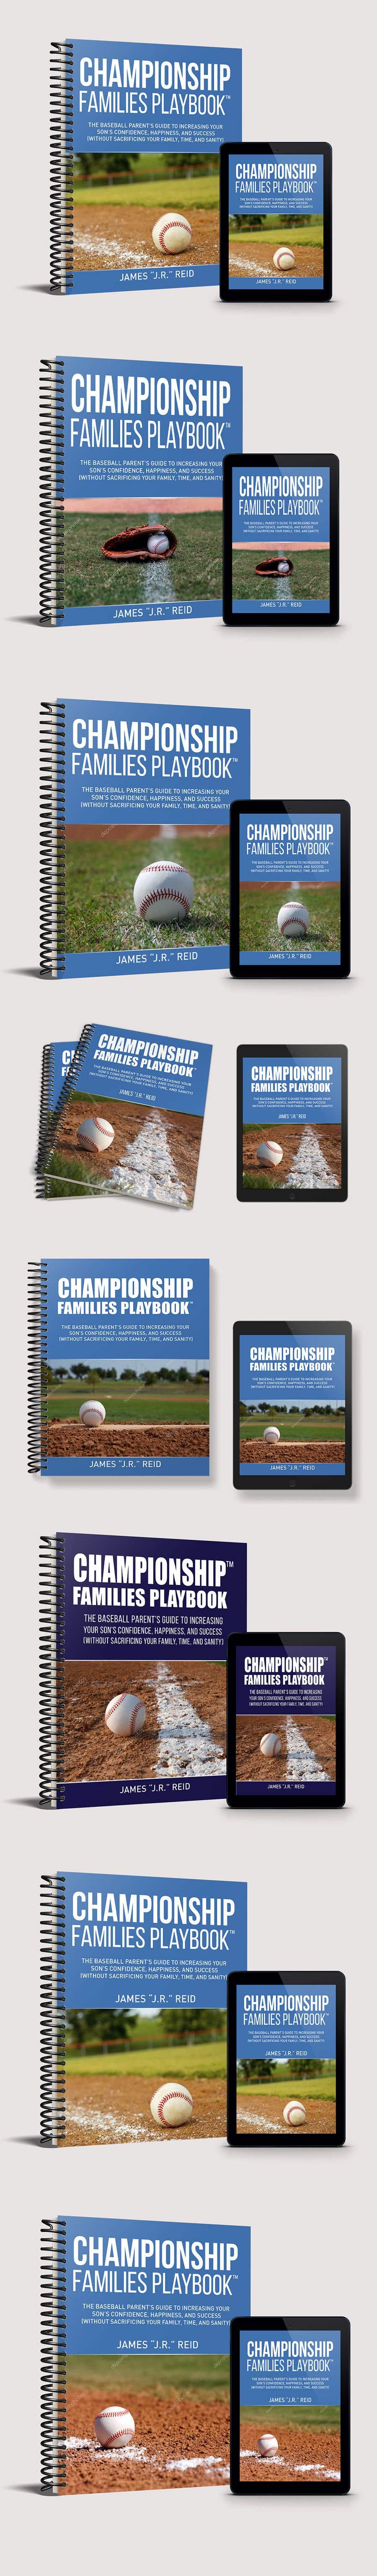 Penyertaan Peraduan #42 untuk Book mockup for the Championship Families Playbook™